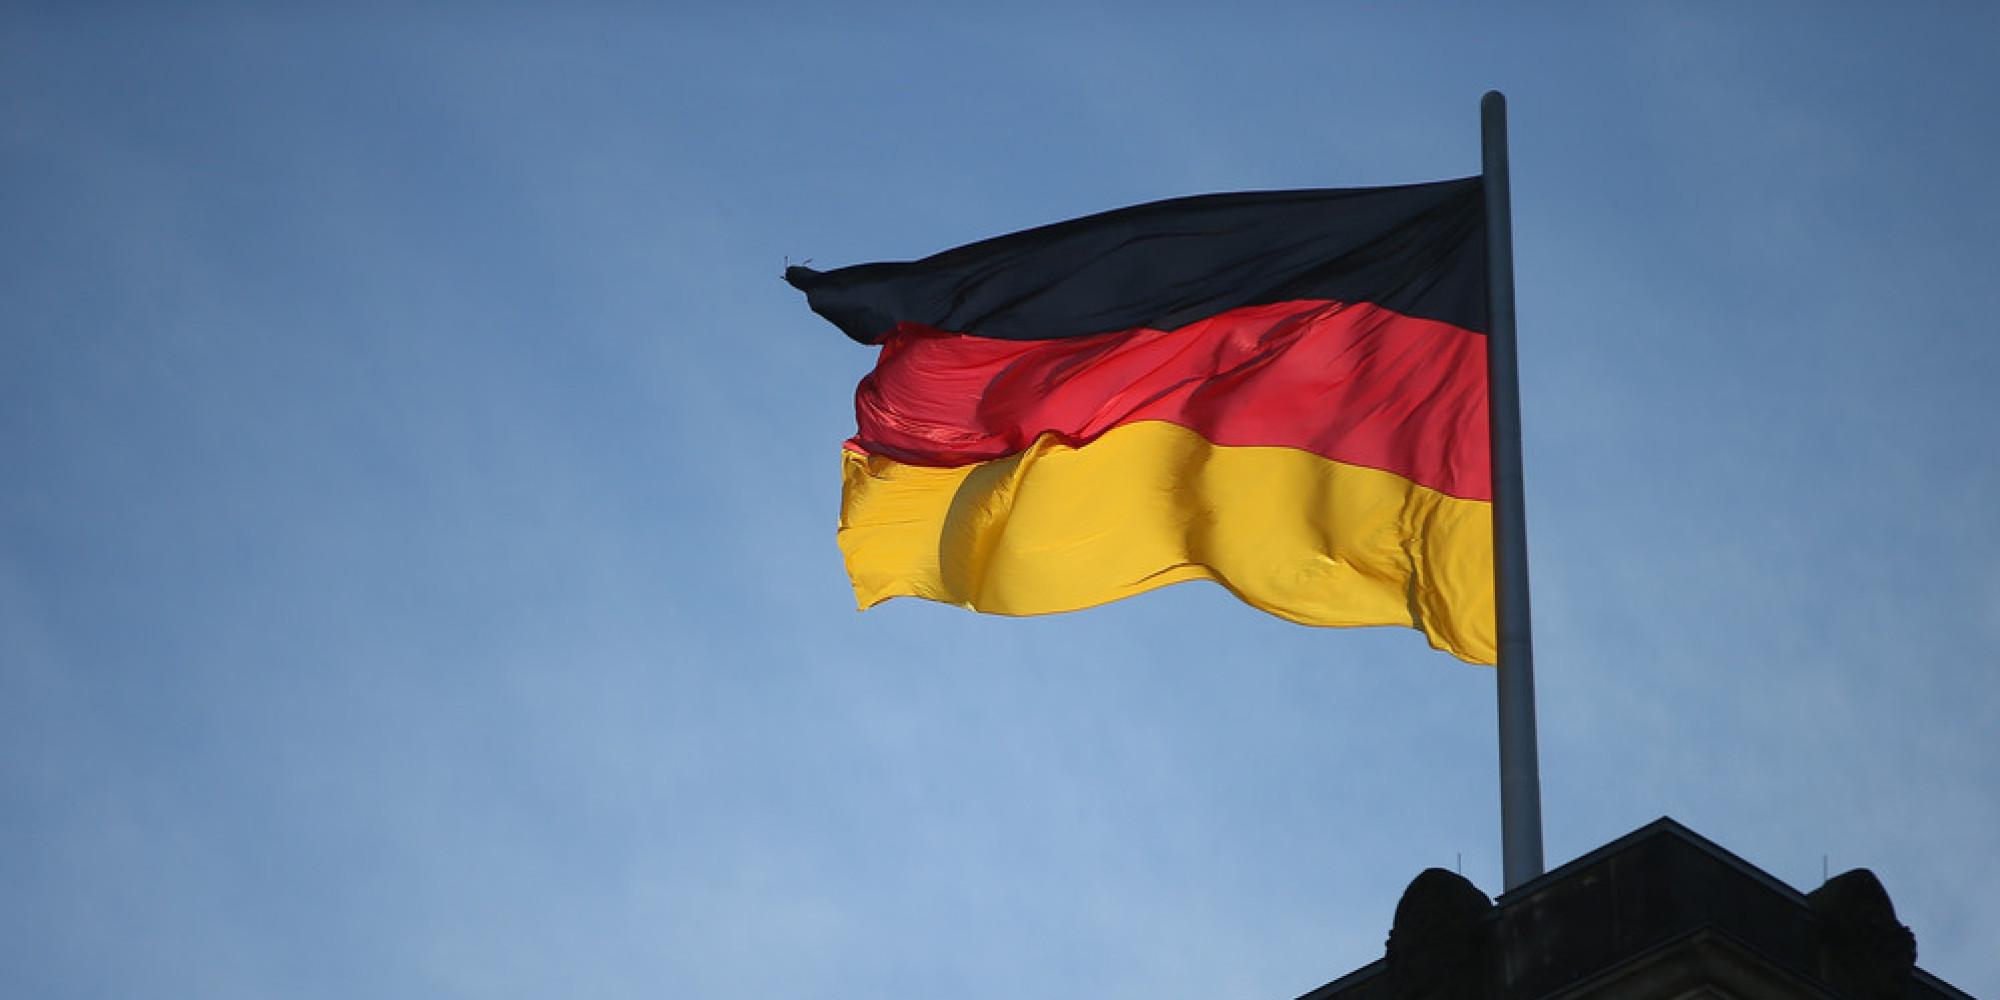 Федеральное министерство транспорта и цифровой инфраструктуры Германии в декабре 2020 года профинансирует 5 игровых проектов